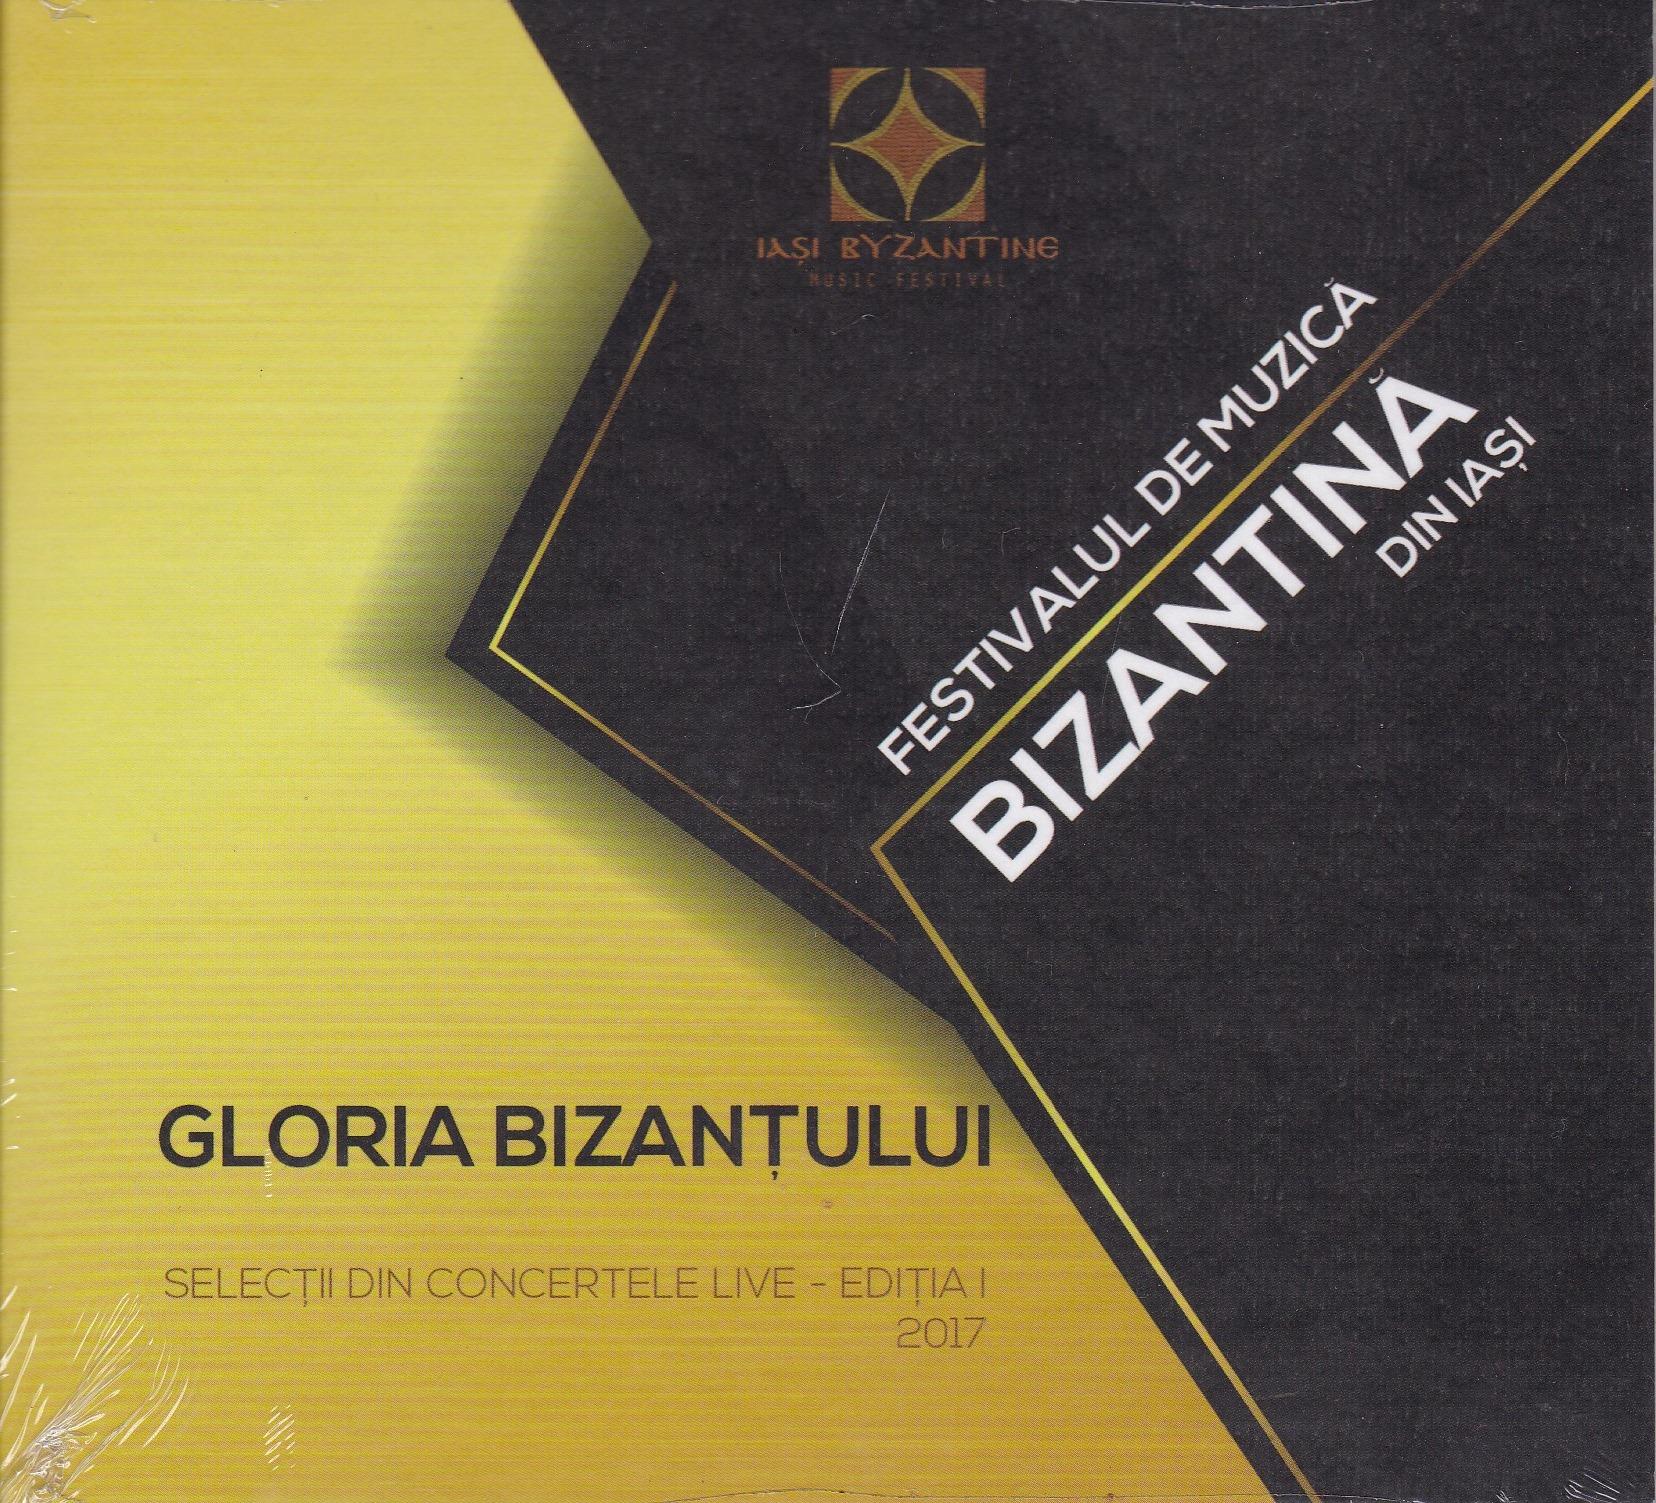 CD- Festivalul de muzica bizantina din Iasi 2017